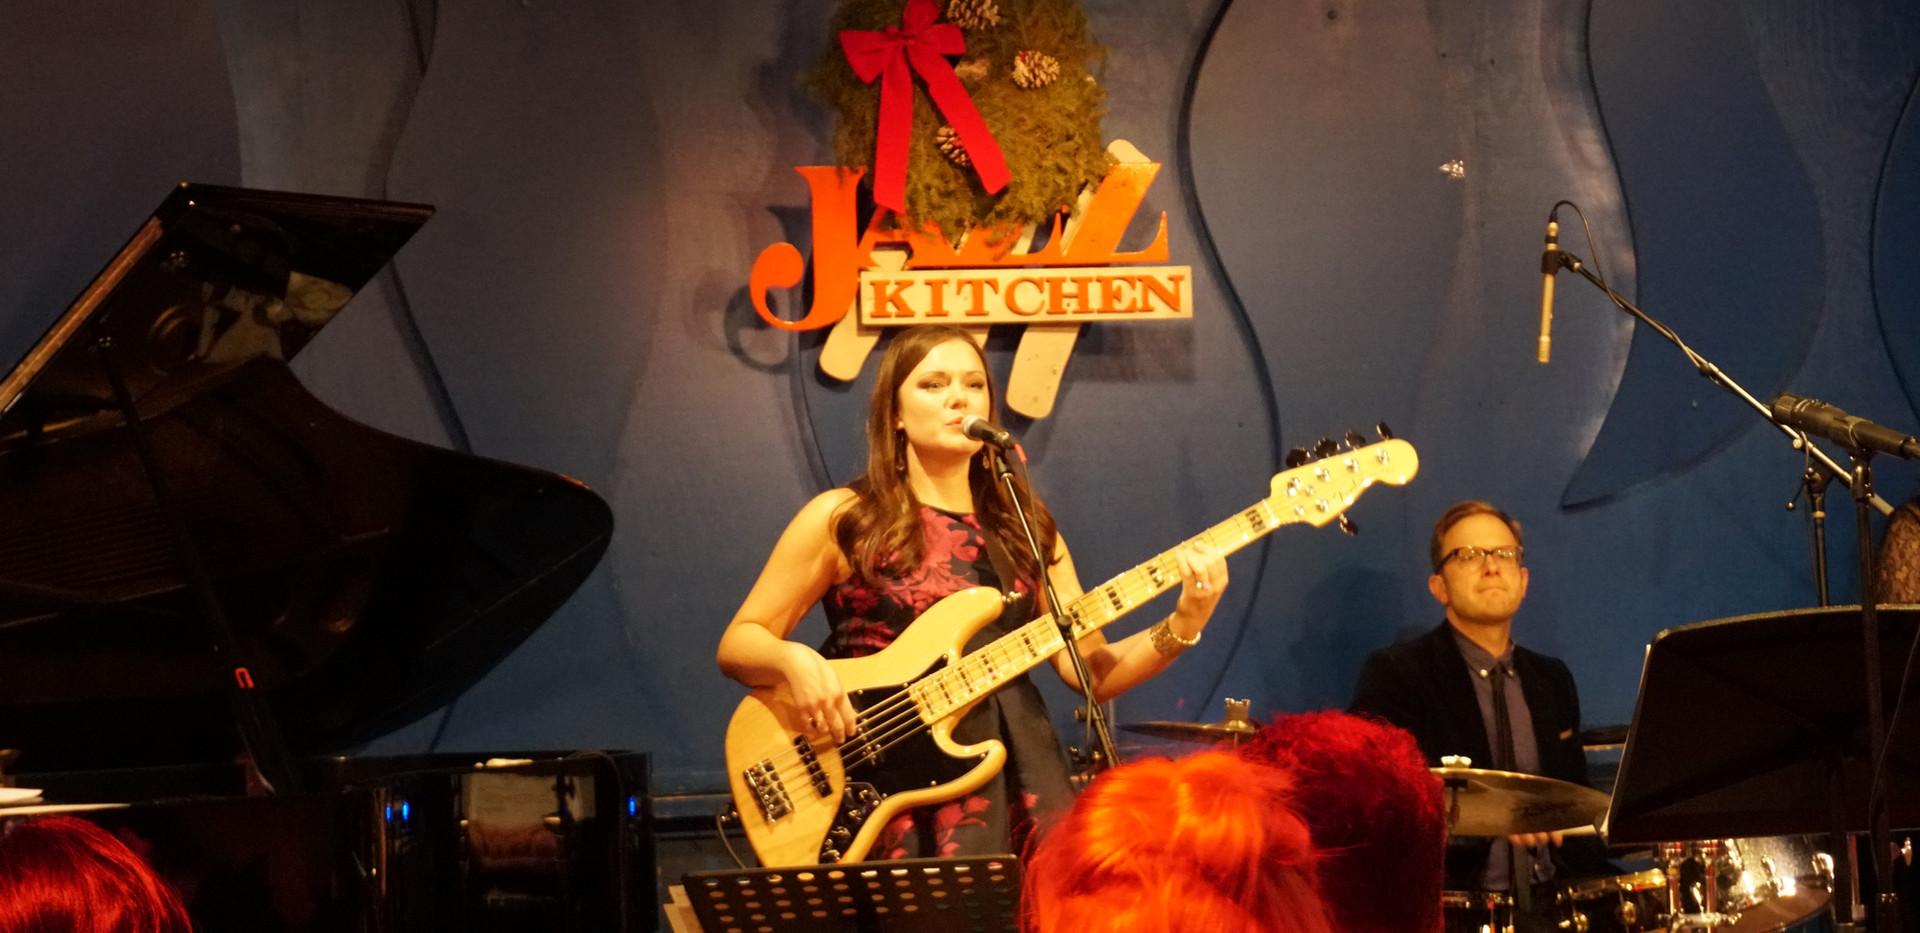 Indy's Jazz Kitchen